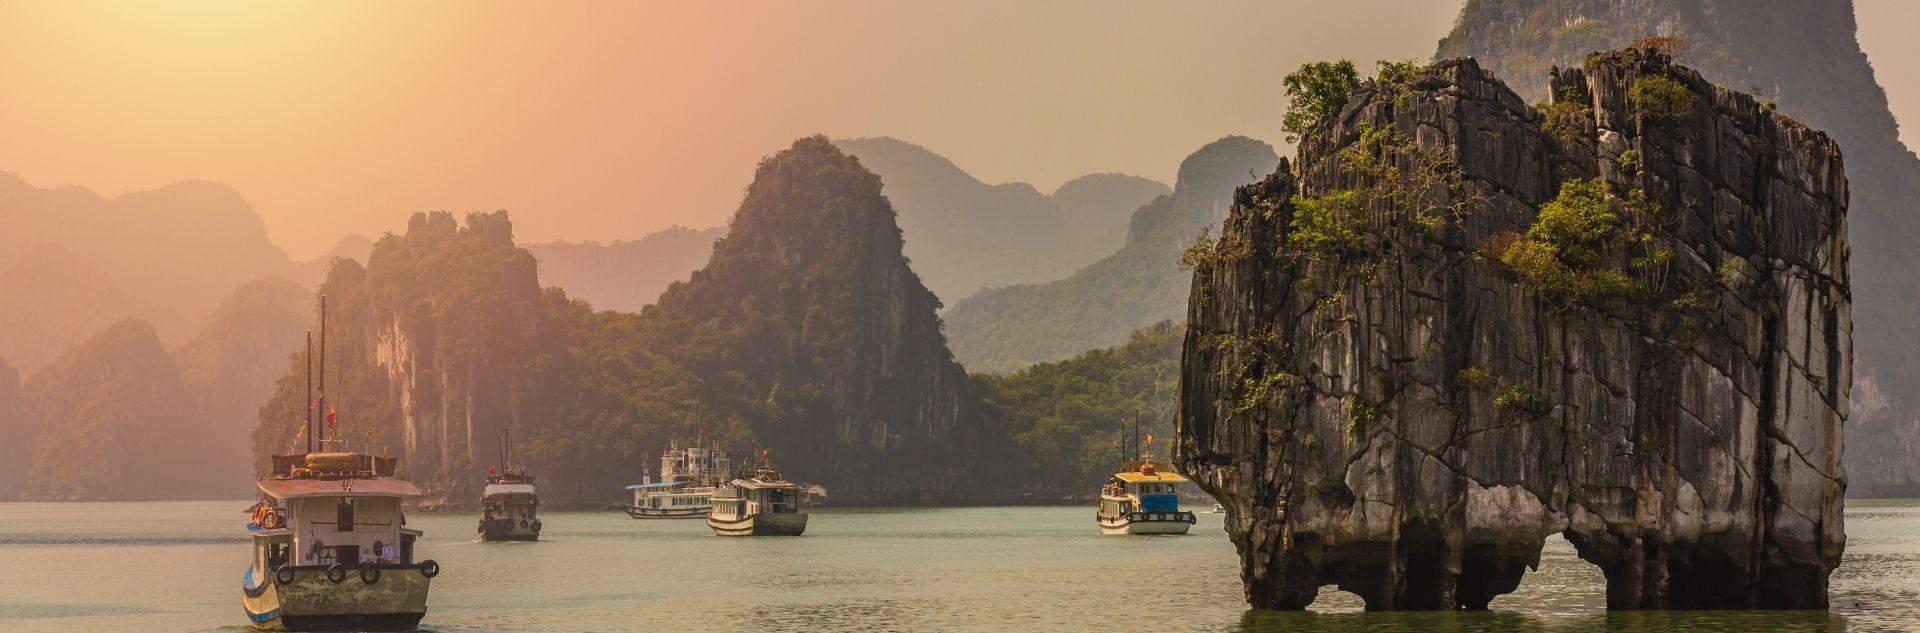 Fernreise Asien - Vietnam Landschaft